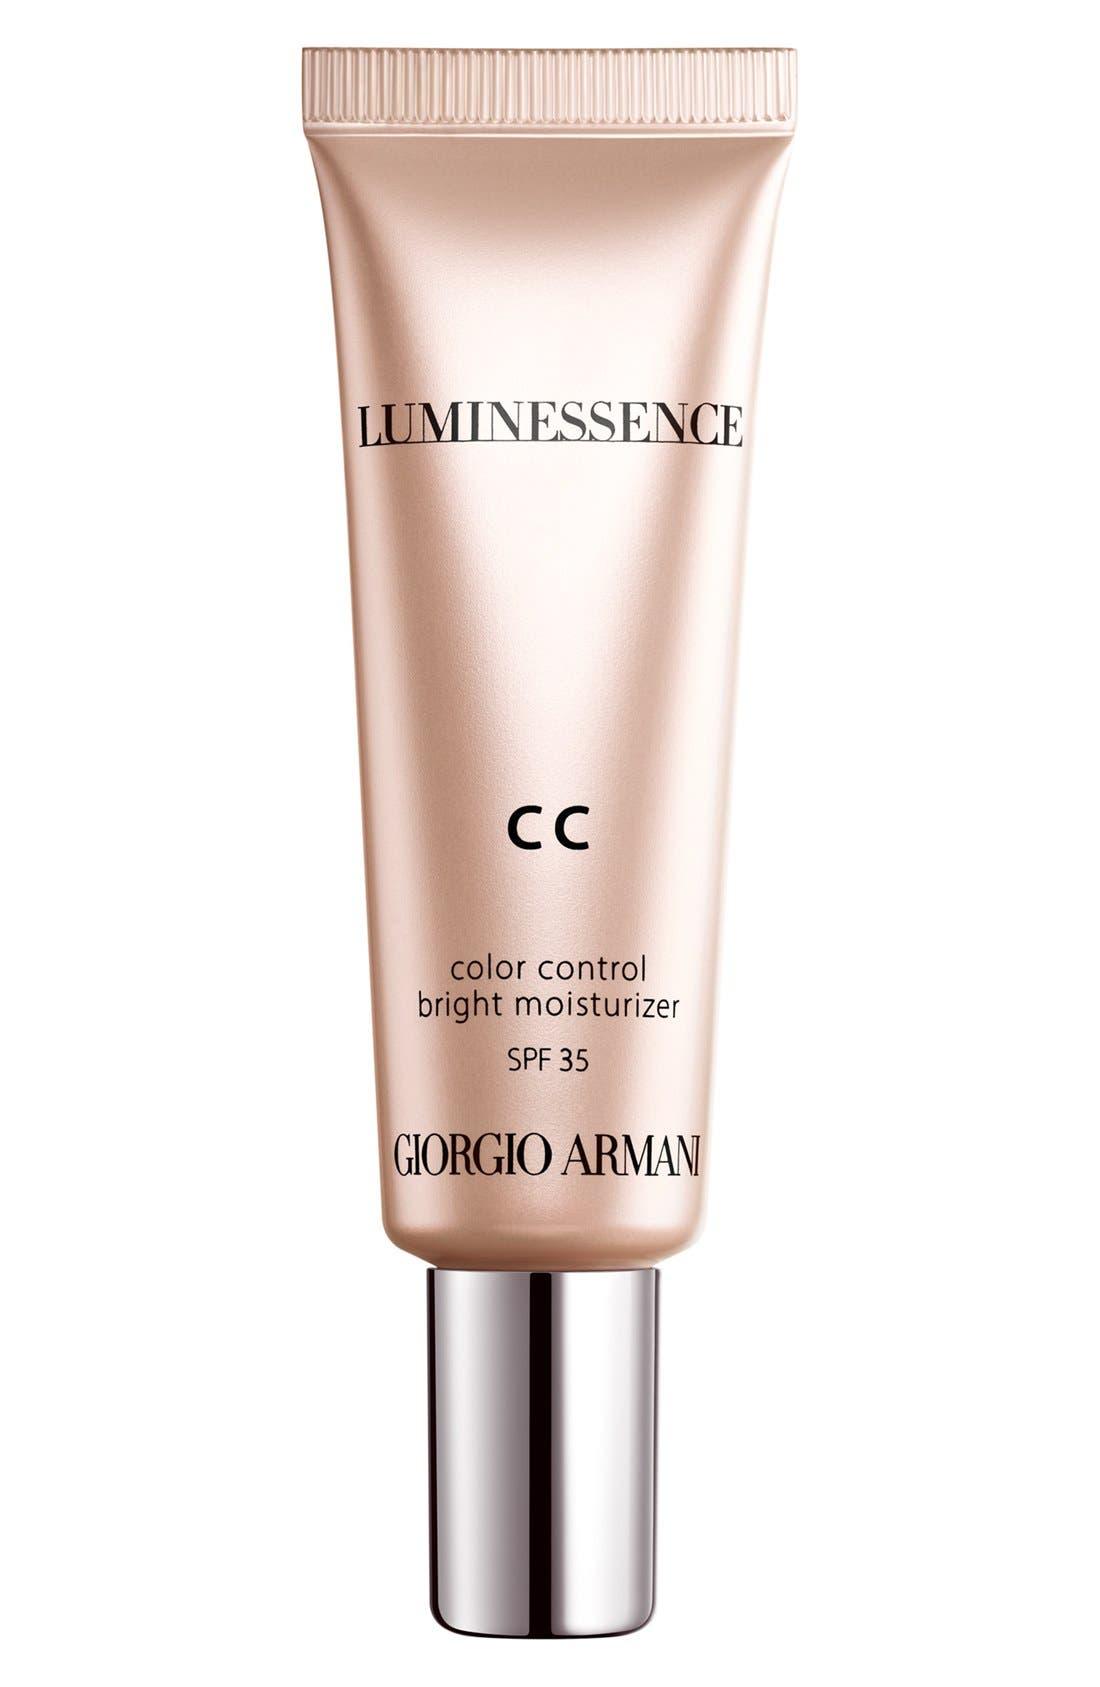 Giorgio Armani 'Luminessence CC' Color Control Bright Moisturizer SPF 35